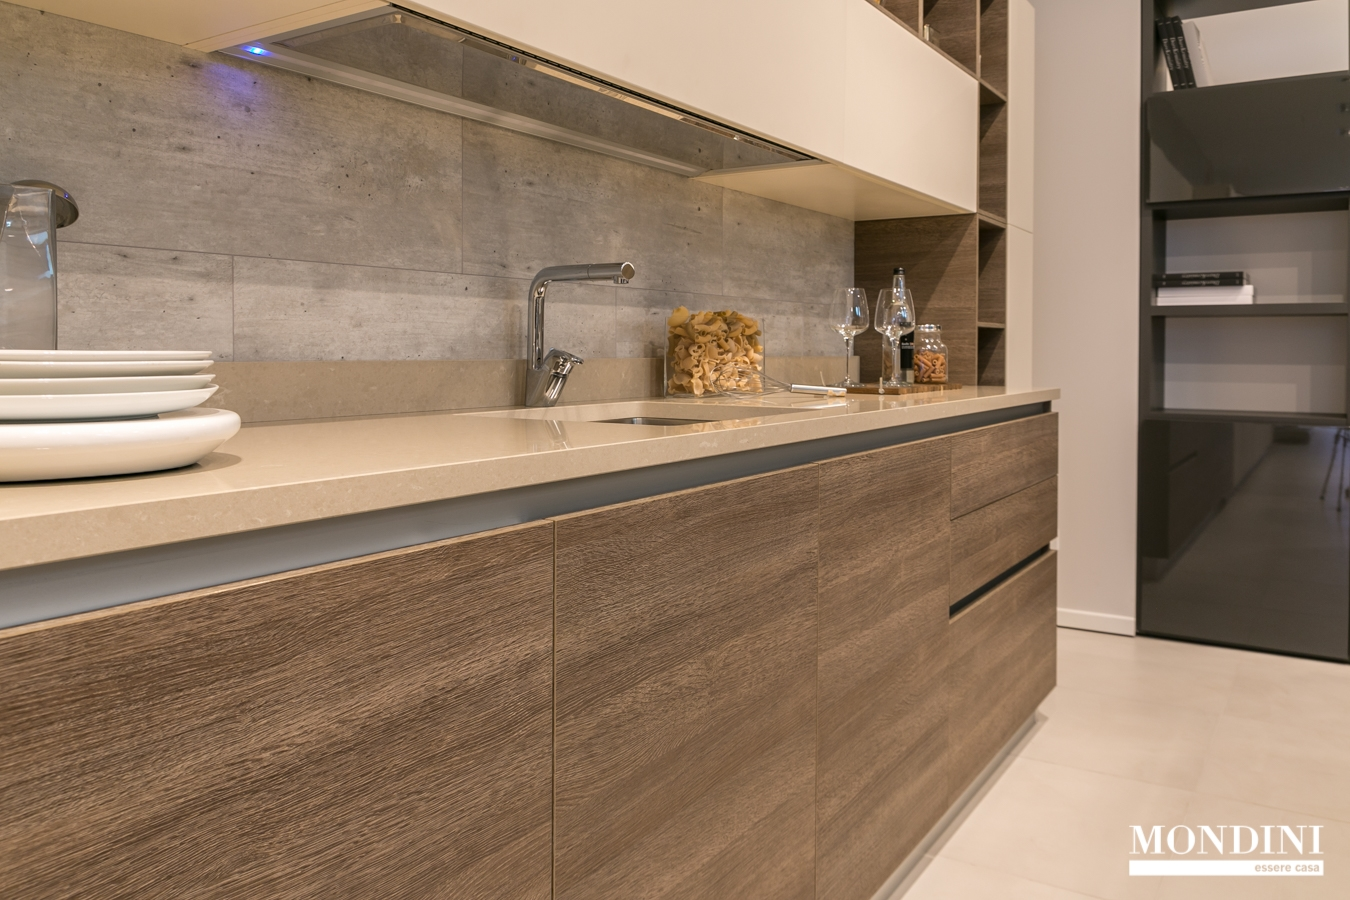 cucine scavolini scontate - 28 images - cucina lineare scavolini ...